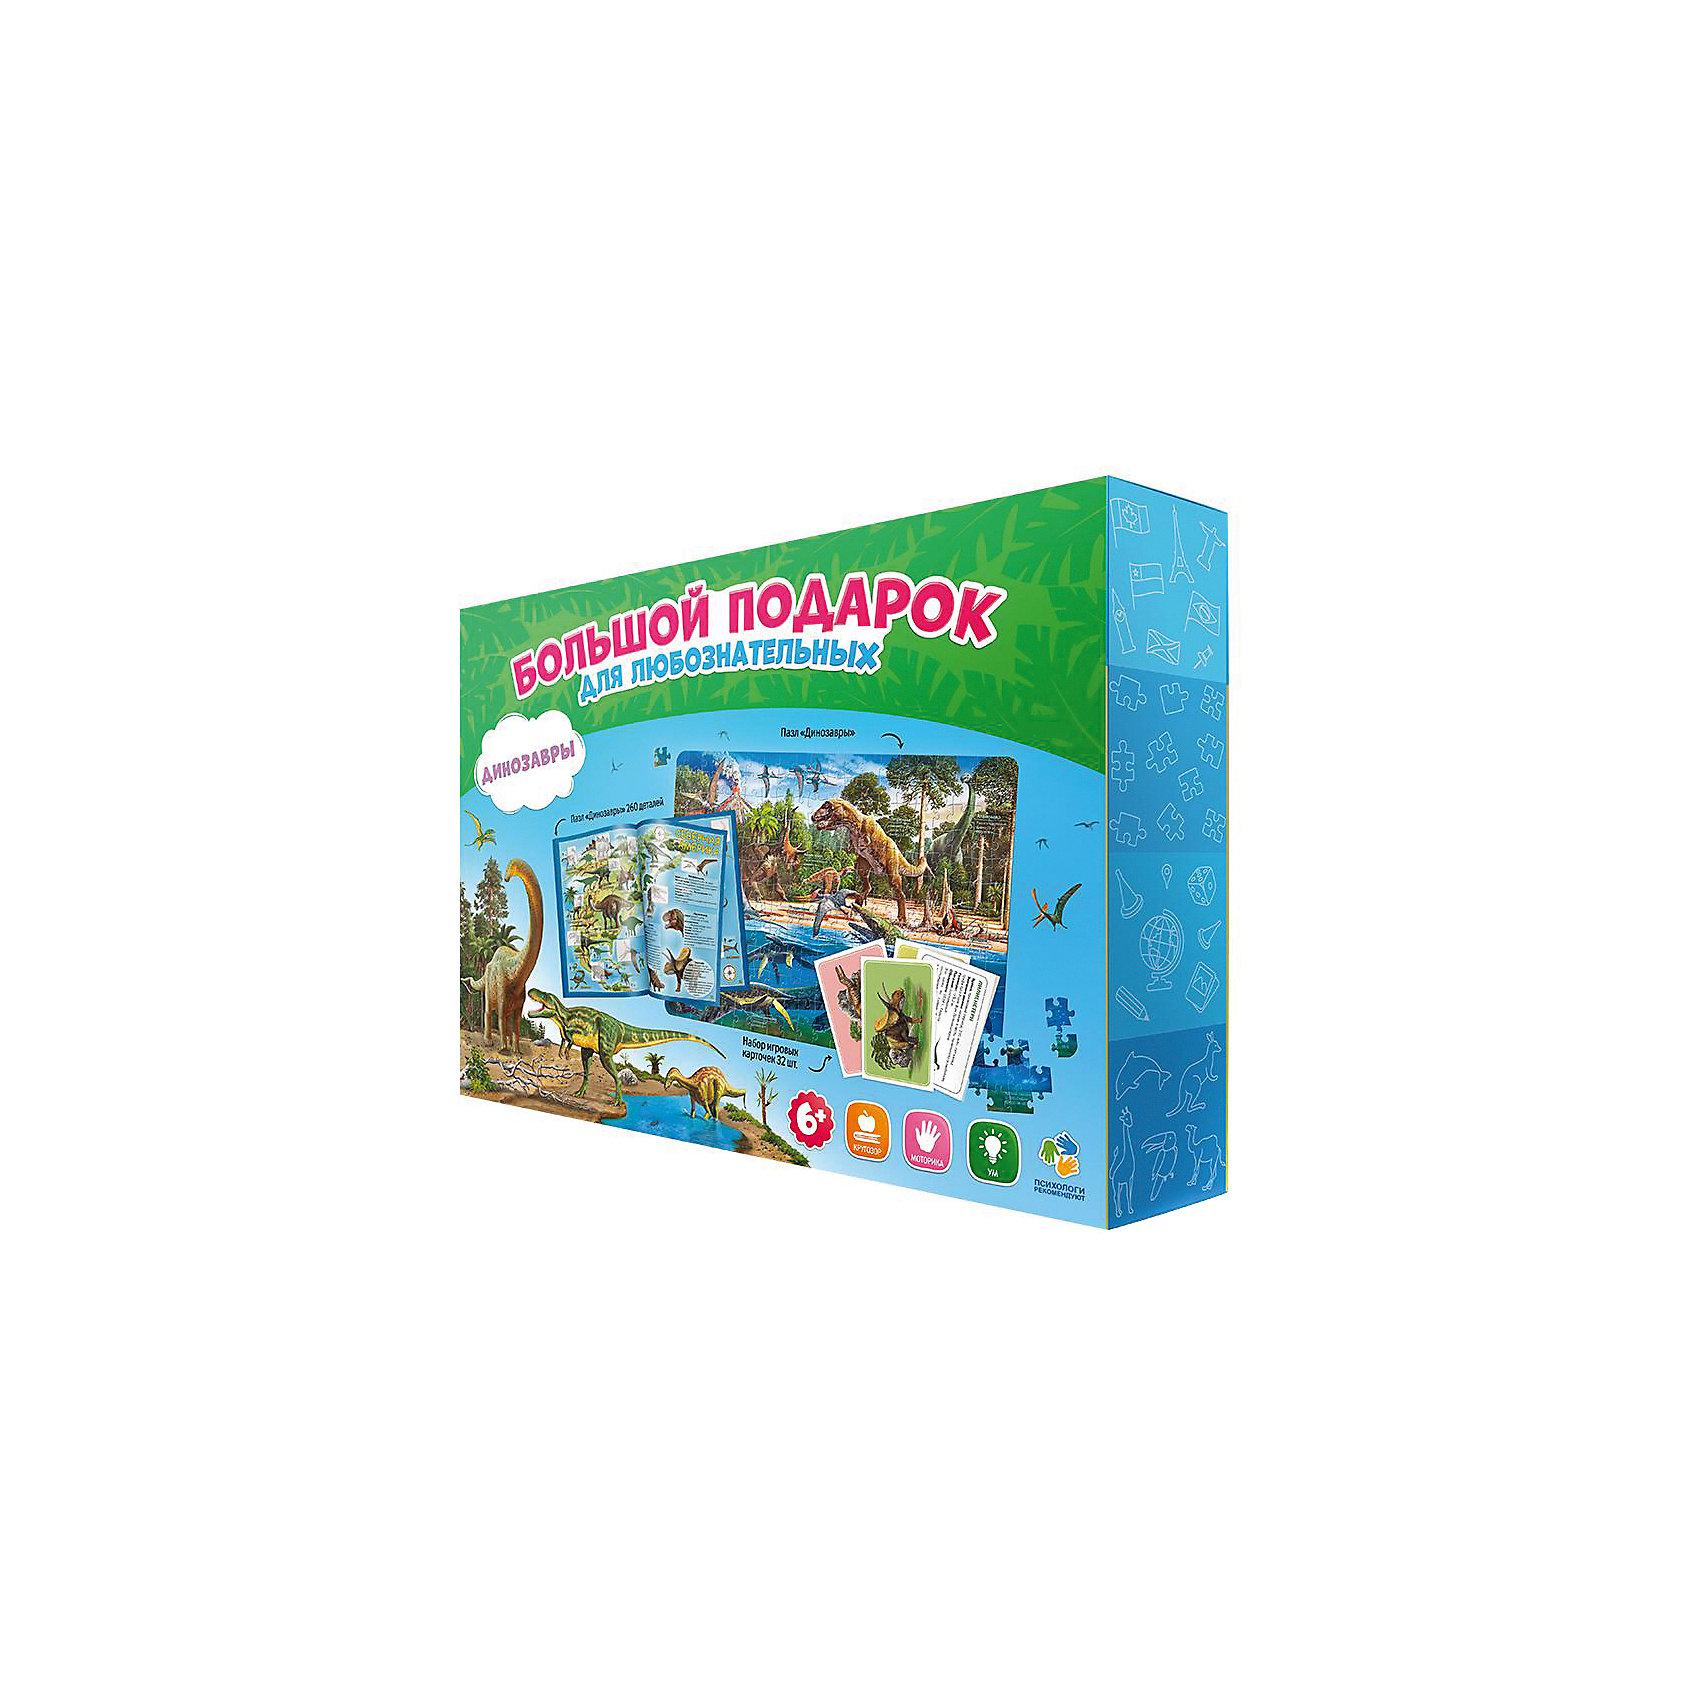 Большой подарок Динозавры (3 предмета)Энциклопедии про динозавров<br>Характеристики товара:<br><br>• материал: ламинированный картон, бумага<br>• возраст: от 6 лет<br>• карта-пазл Динозавры, 33х47<br>• детский атлас мира с наклейками<br>• набор игровых карточек. Формат 5*7, 32 шт<br>• подарочная коробка<br>• 65 наклеек<br>• количество деталей пазла: 260<br>• размер пазла: 33х47 см<br>• габариты упаковки: 32х22х50 см<br>• вес: 500 г<br>• страна производитель: Россия<br><br>«Древние Ящеры» — динозавры существовали на Земле много миллионов лет назад. Подарок познакомит детей с этими загадочными существами.<br>Атлас с наклейками «Динозавры» расскажет о том, на каком континенте были найдены окаменелые останки разных видов древних ящеров, в каком историческом периоде они жили, их размер по сравнению с размером взрослого человека, чем питались и как возможно выглядели эти таинственные животные.<br><br>На пазле «Динозавры» представлена реконструкция древних ящеров и их среды обитания, выполненная художником с палеонтологической точностью. Собирая игру-головоломку из 260 деталей, ребенок узнает много нового об этих удивительных существах.  <br><br>Набор игровых карточек направлен на изучение отличительных характеристик древних животных. Необычные, уникальные названия, их значения, размеры и период обитания сделают процесс обучения очень увлекательным.<br><br>Большой подарок Динозавры (3 предмета) можно купить в нашем интернет-магазине.<br><br>Ширина мм: 320<br>Глубина мм: 220<br>Высота мм: 50<br>Вес г: 500<br>Возраст от месяцев: 72<br>Возраст до месяцев: 108<br>Пол: Унисекс<br>Возраст: Детский<br>SKU: 5422965